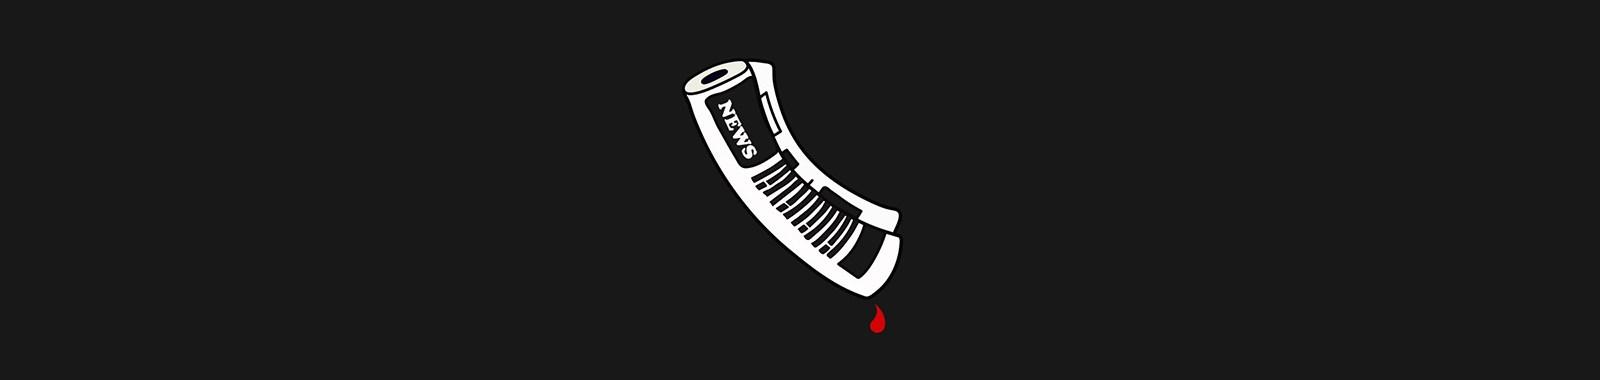 news_bleeding-eye